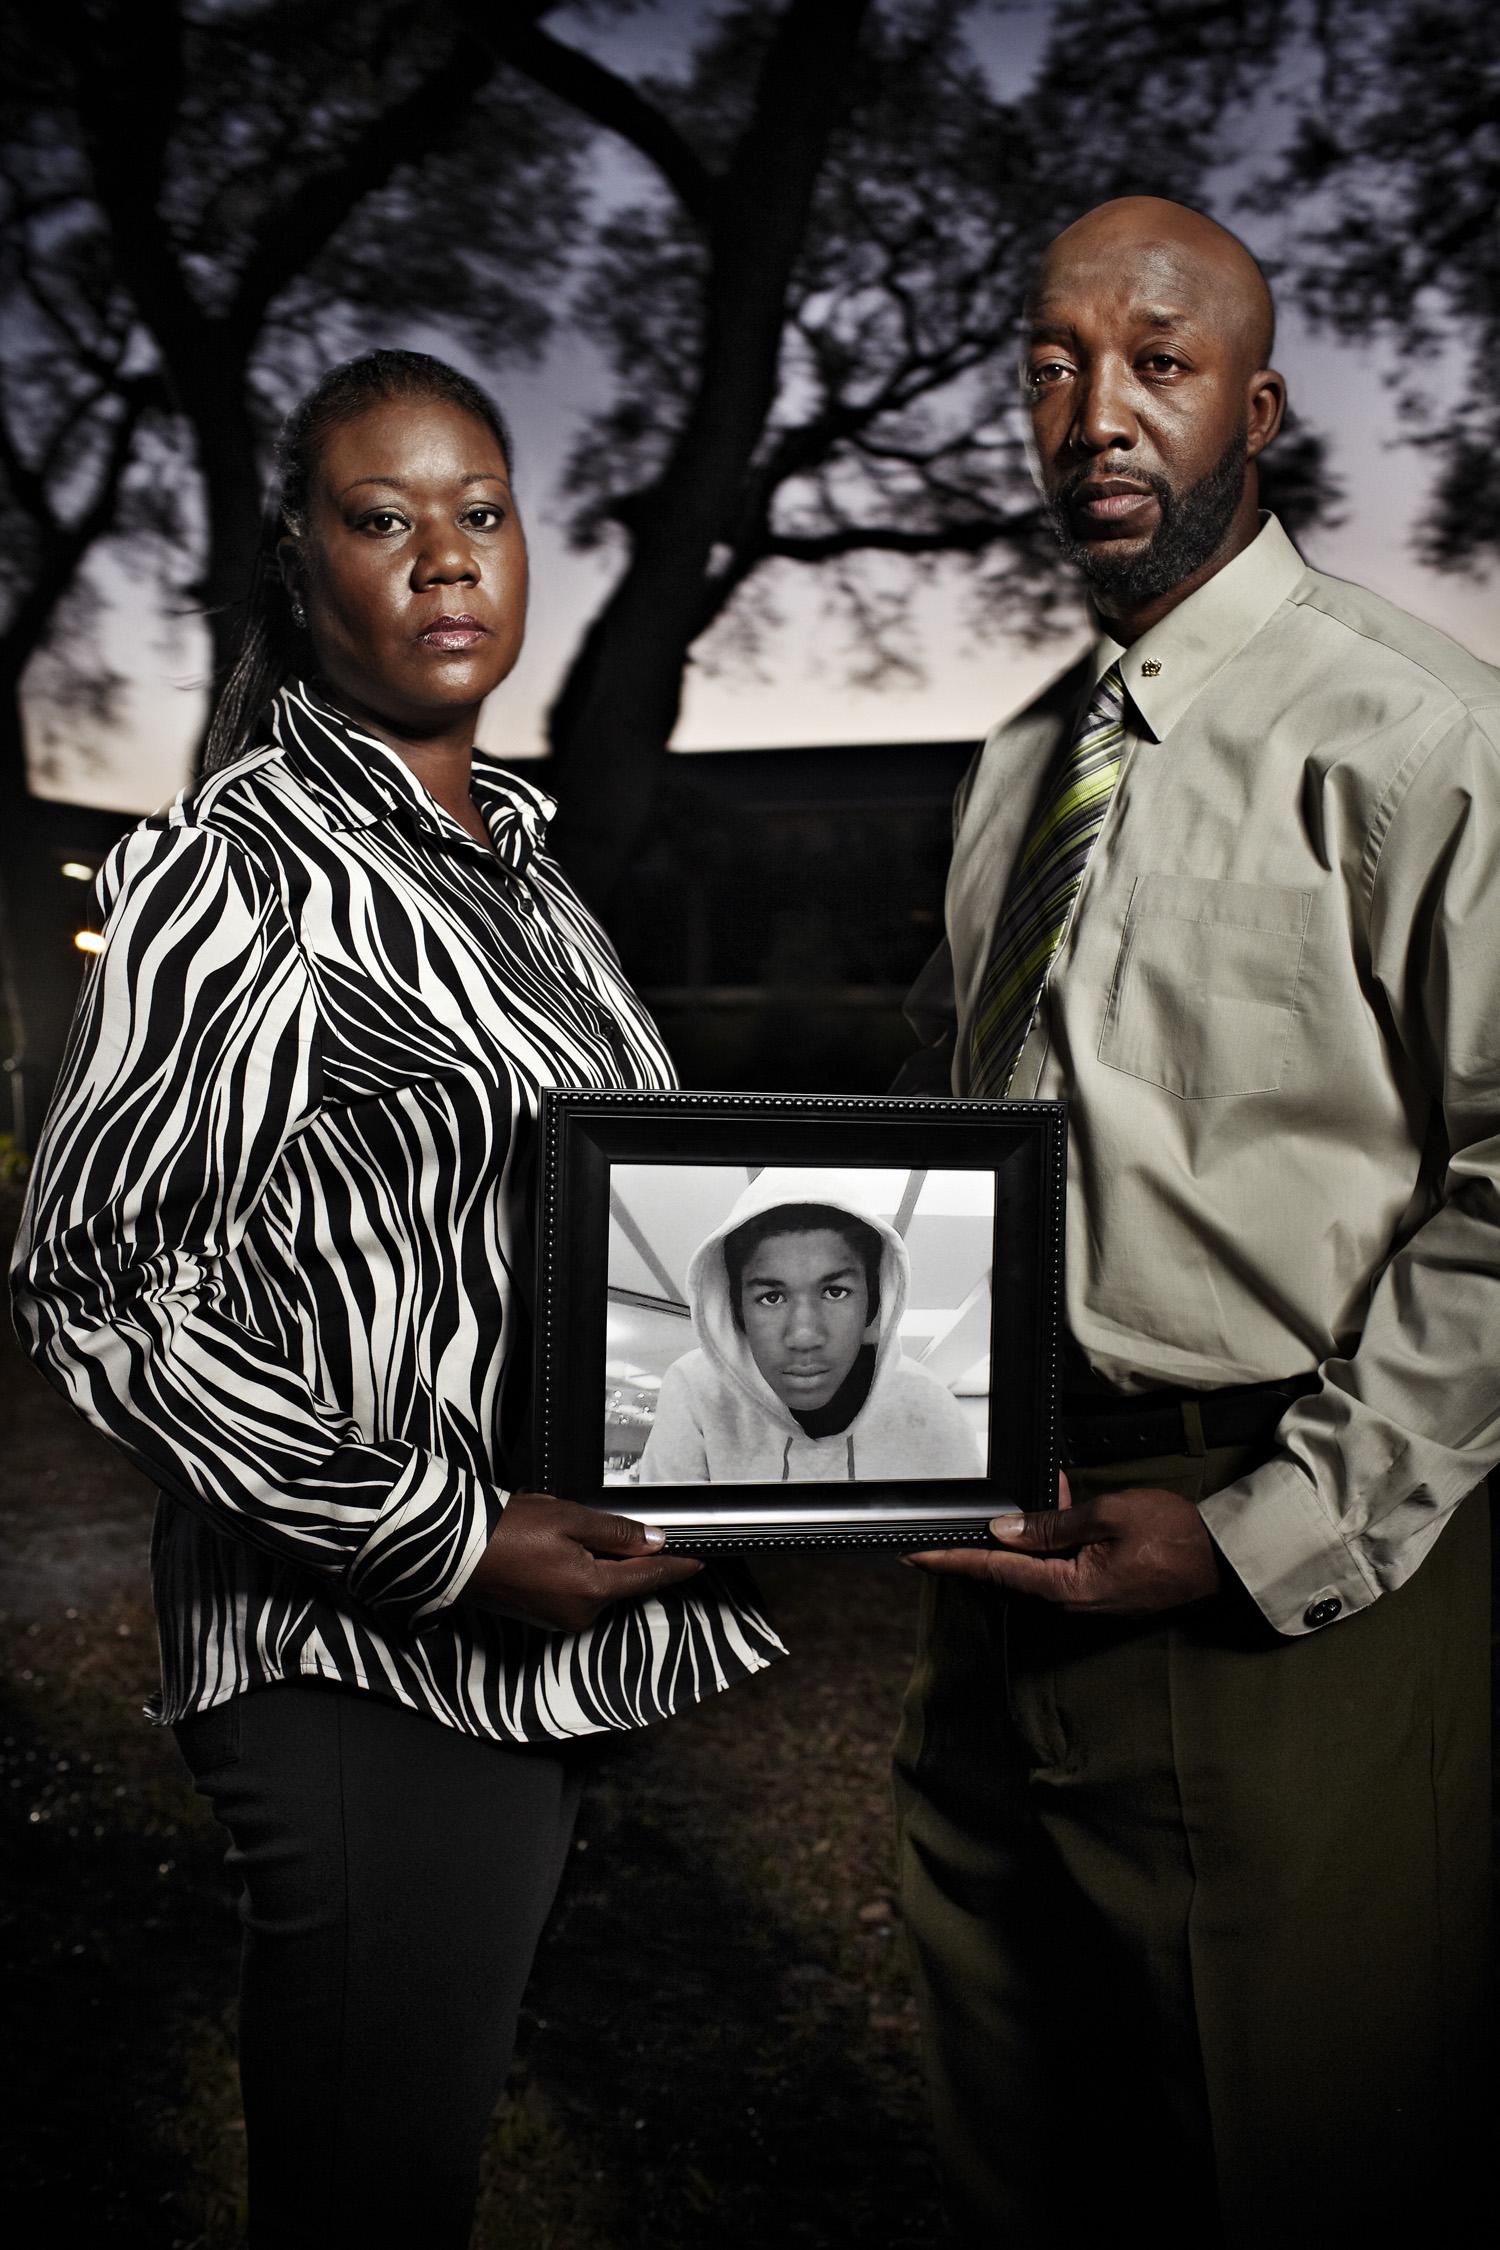 Sybrina Fulton and Tracy Martin - parents of Trayvon Martin - Sanford, FL